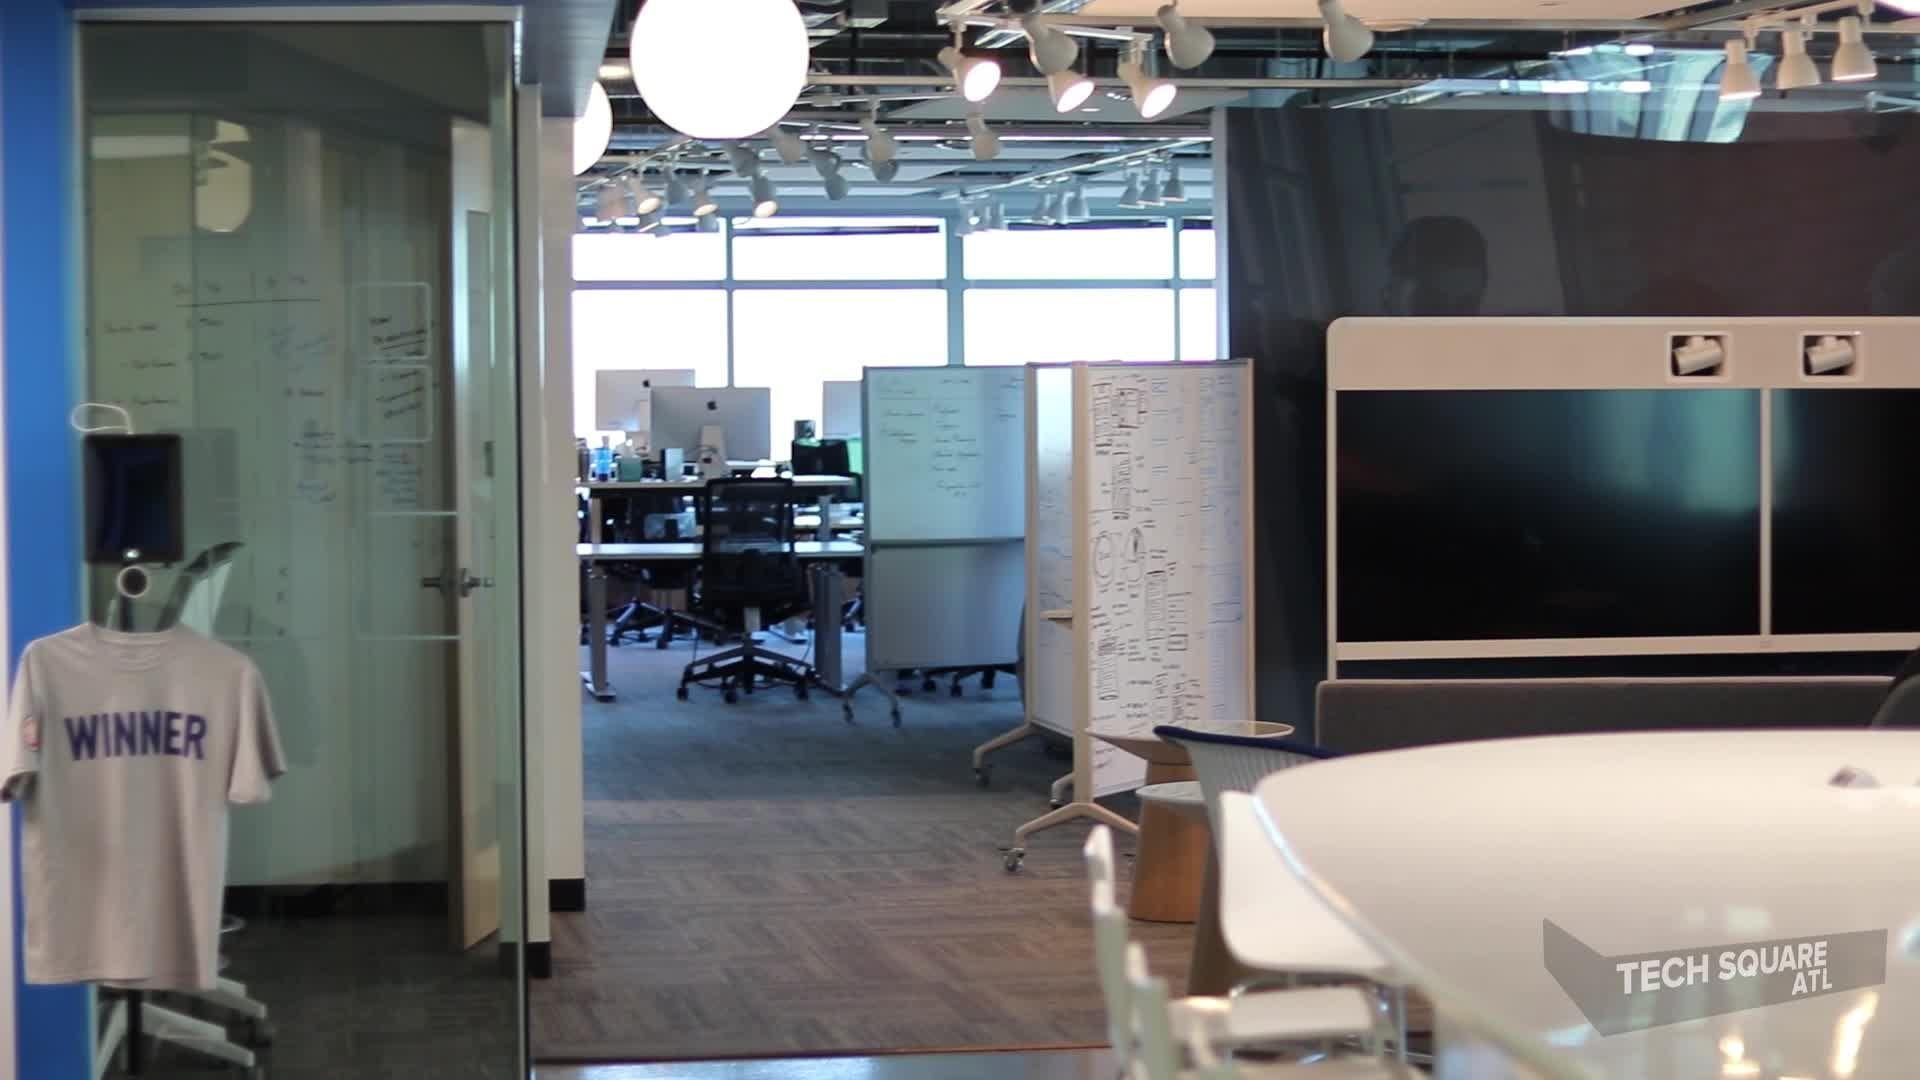 Anthem Innovation Studio